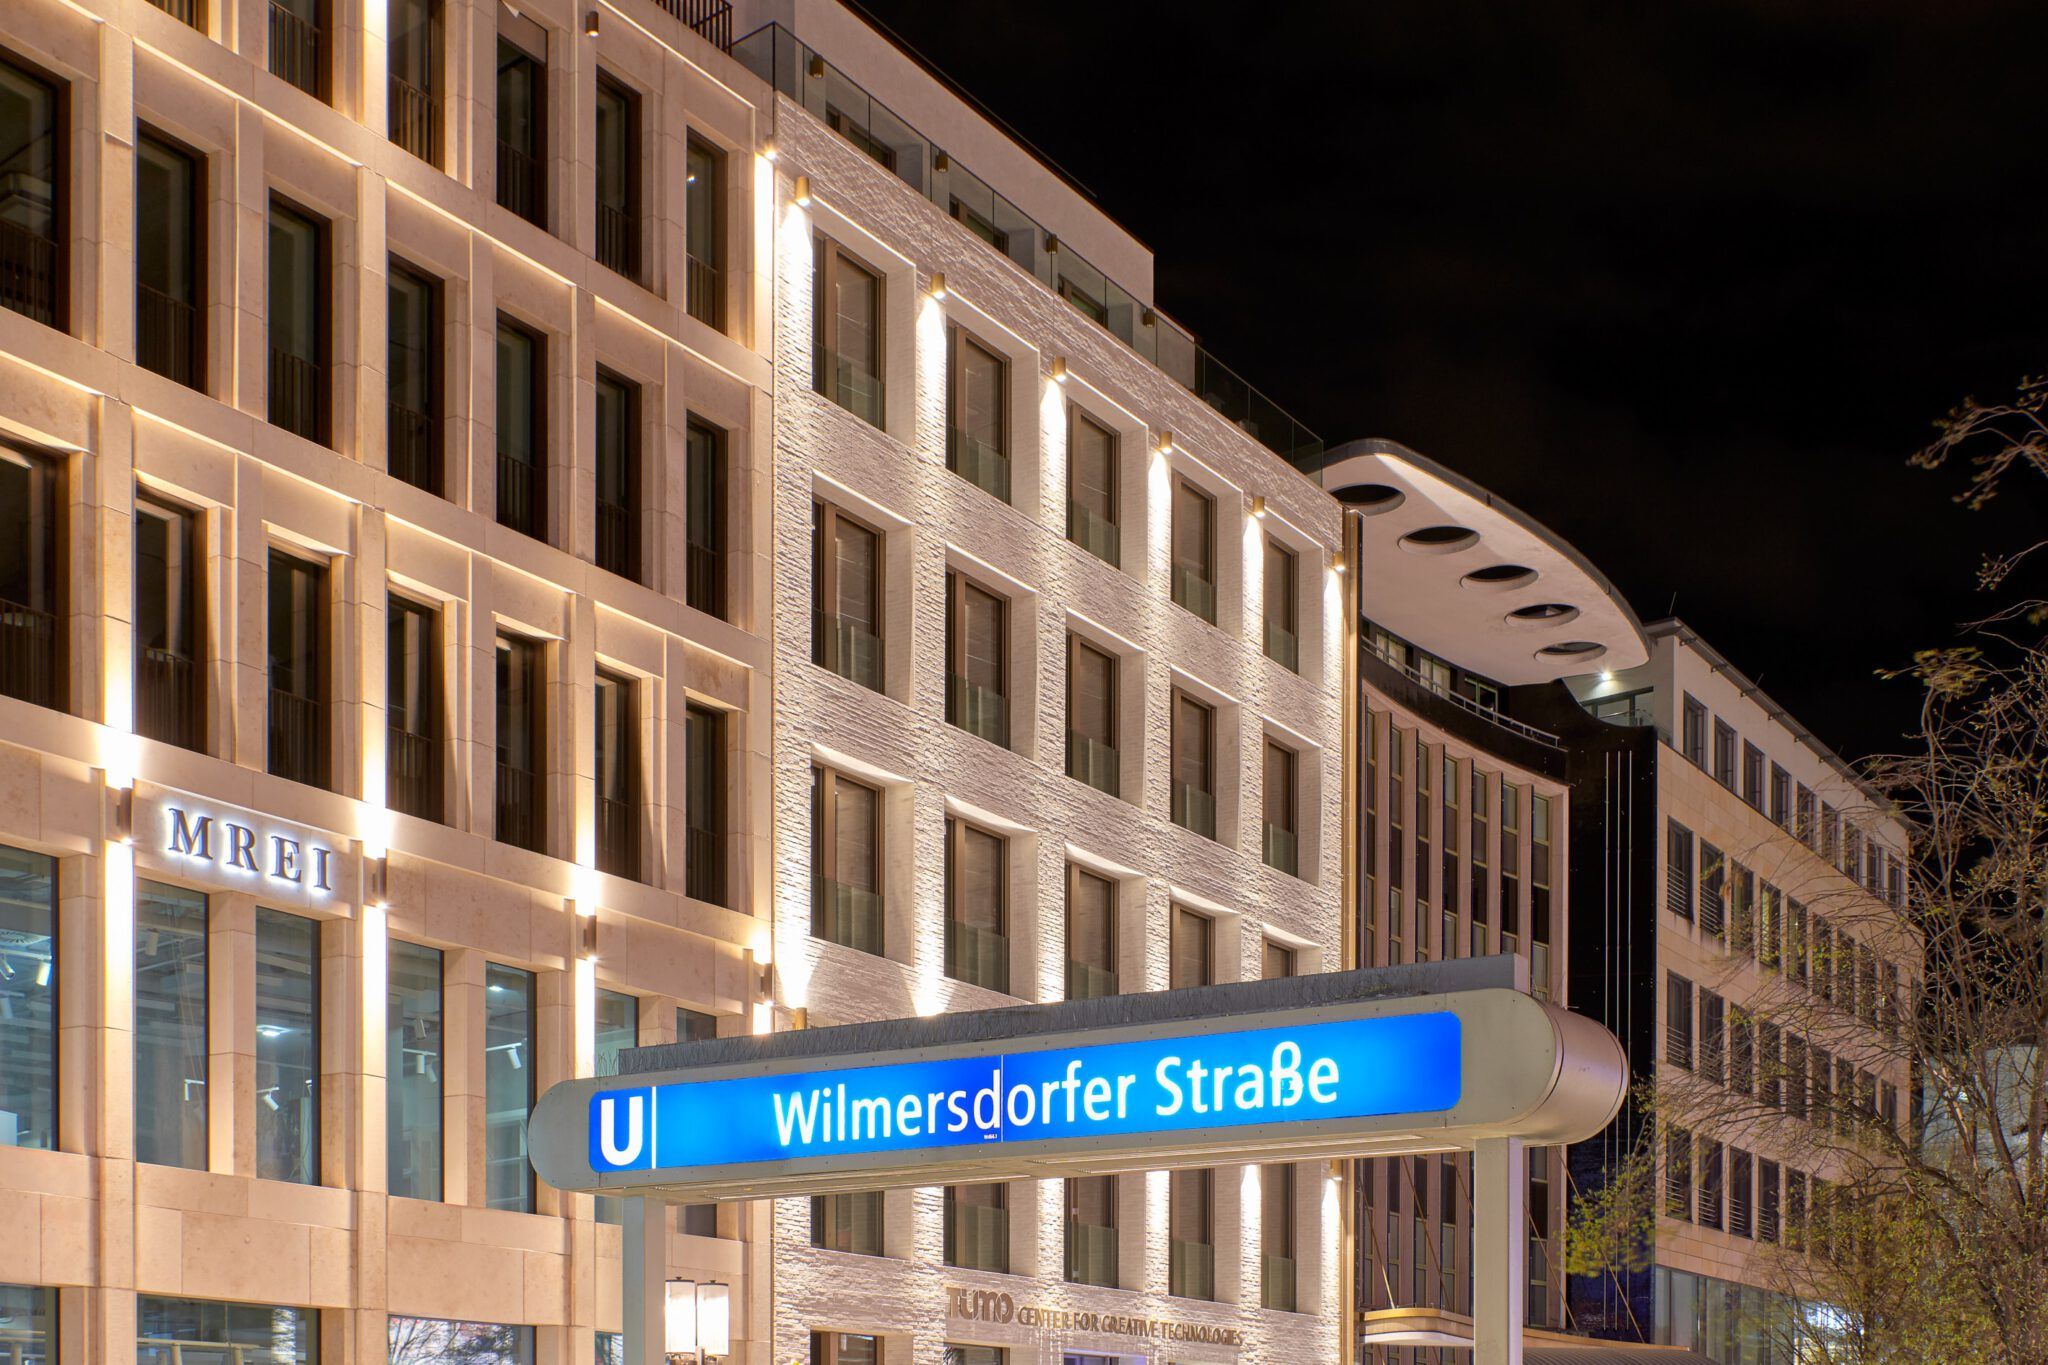 Außenansicht Wilmersdorfer Straße 59 und 60 bei Nacht